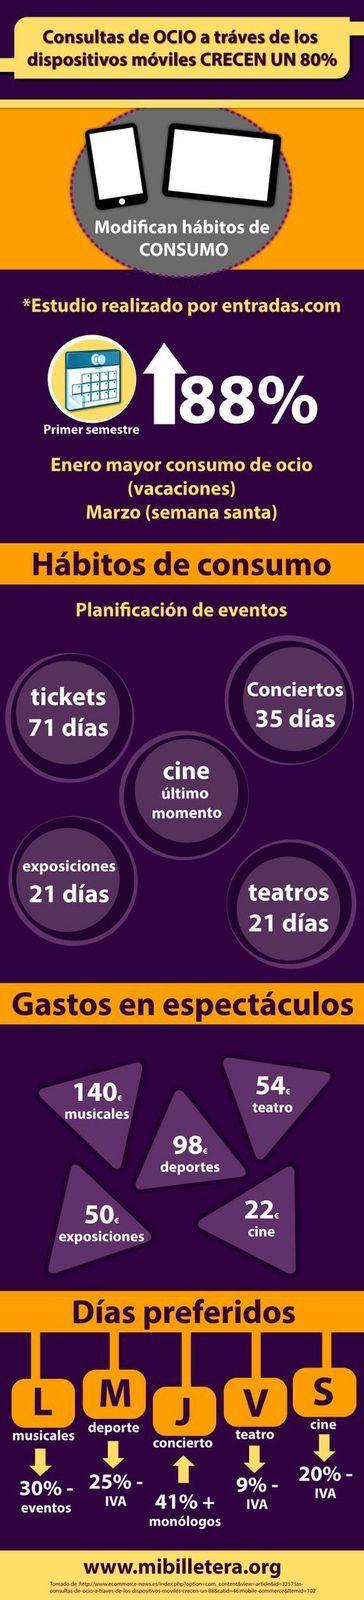 Las consultas de ocio a través de los #dispositivos  móviles crecen un 88%  visita www.mibilletera.org